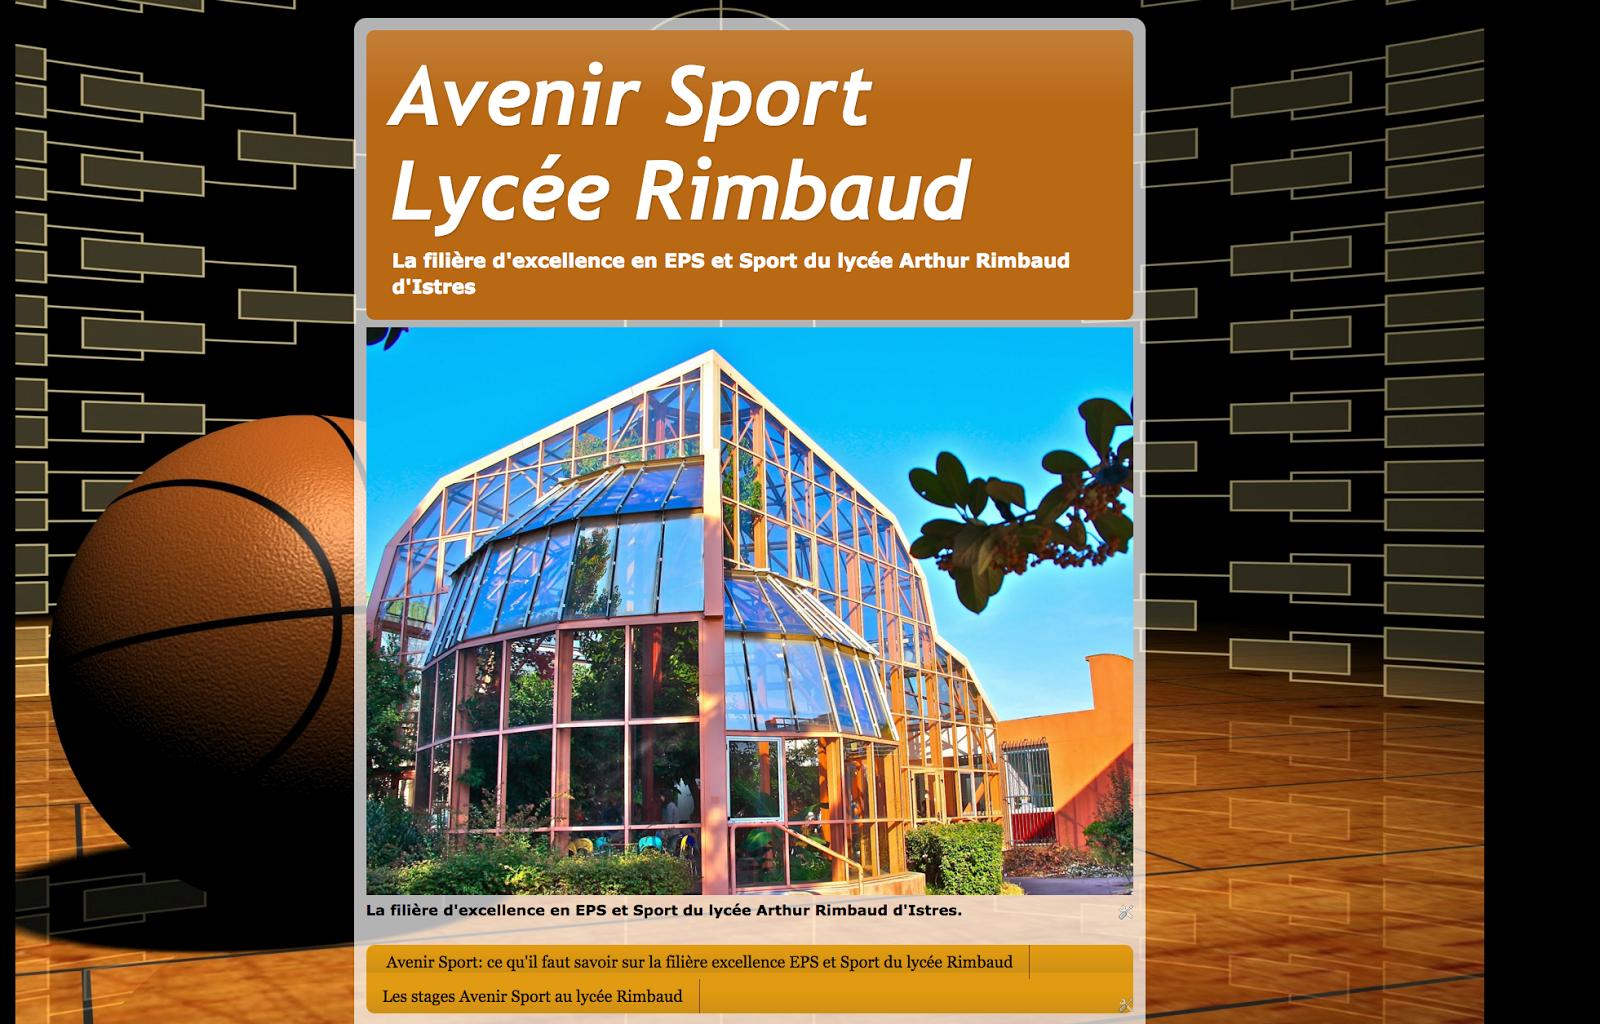 Avenir sport: l'EPS de complément au Lycée Rimbaud